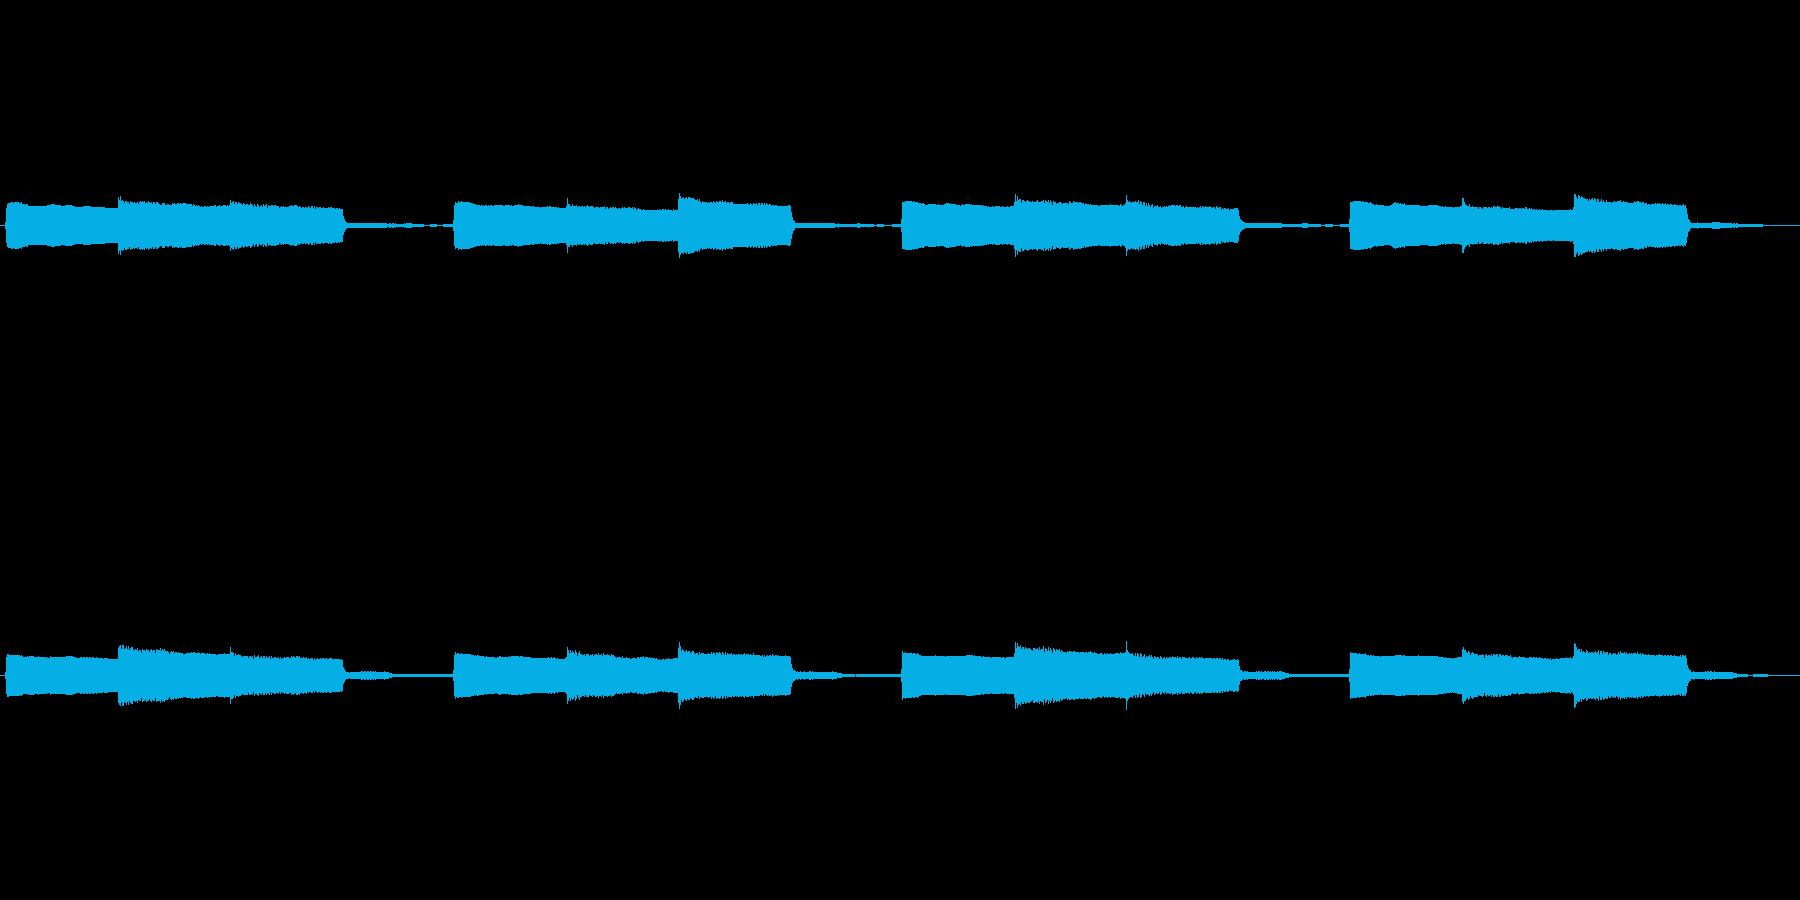 【アラーム02-2L】の再生済みの波形